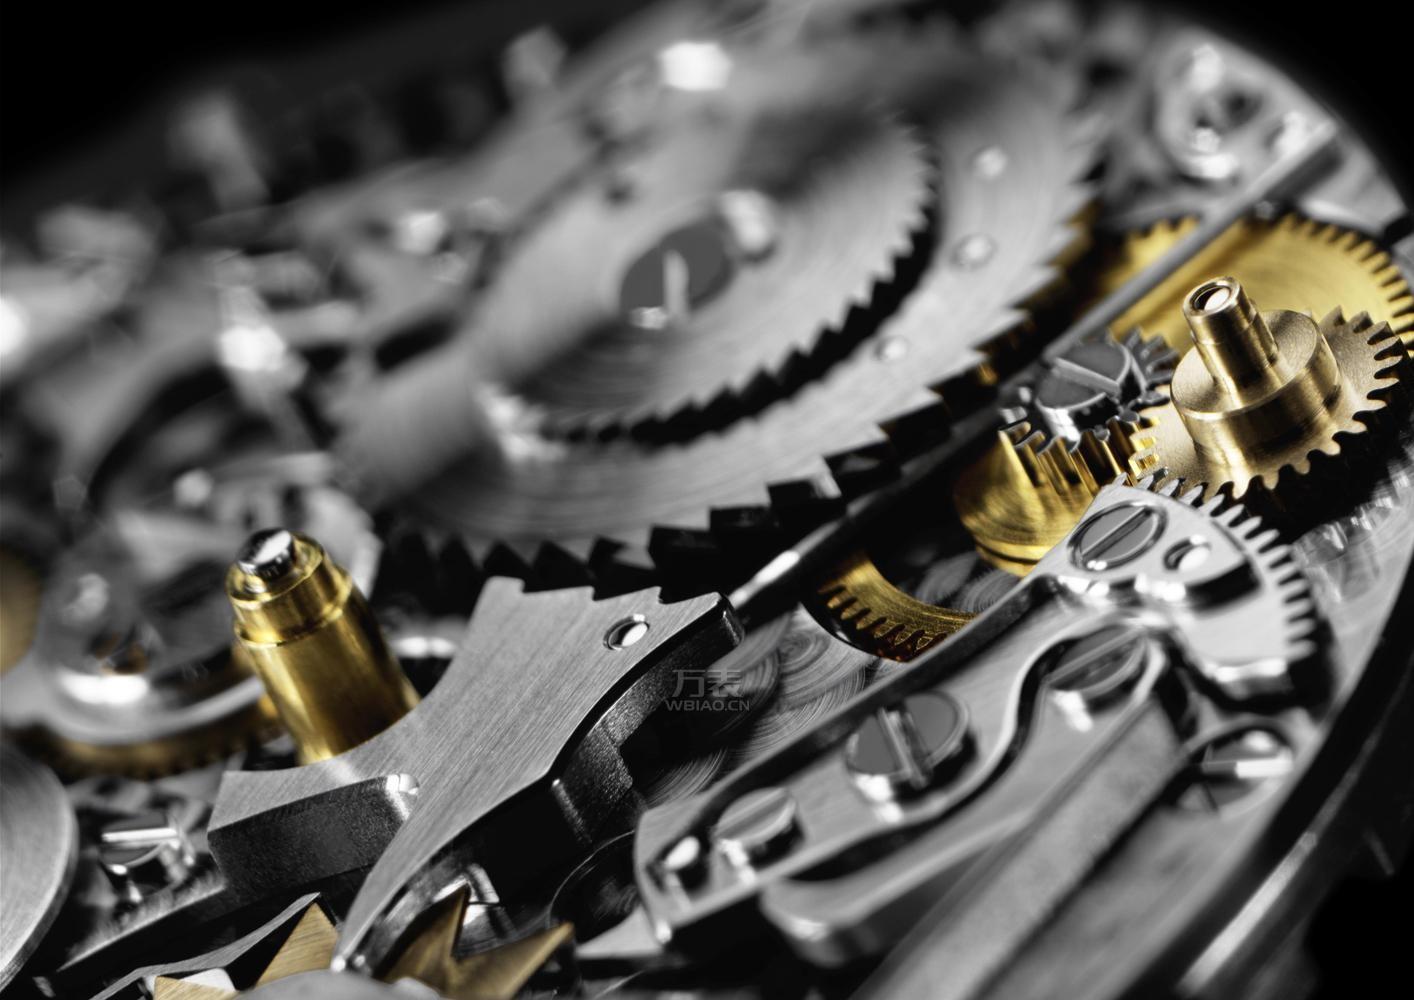 江诗丹顿手表偷停是什么原因?如何解决手表偷停问题?